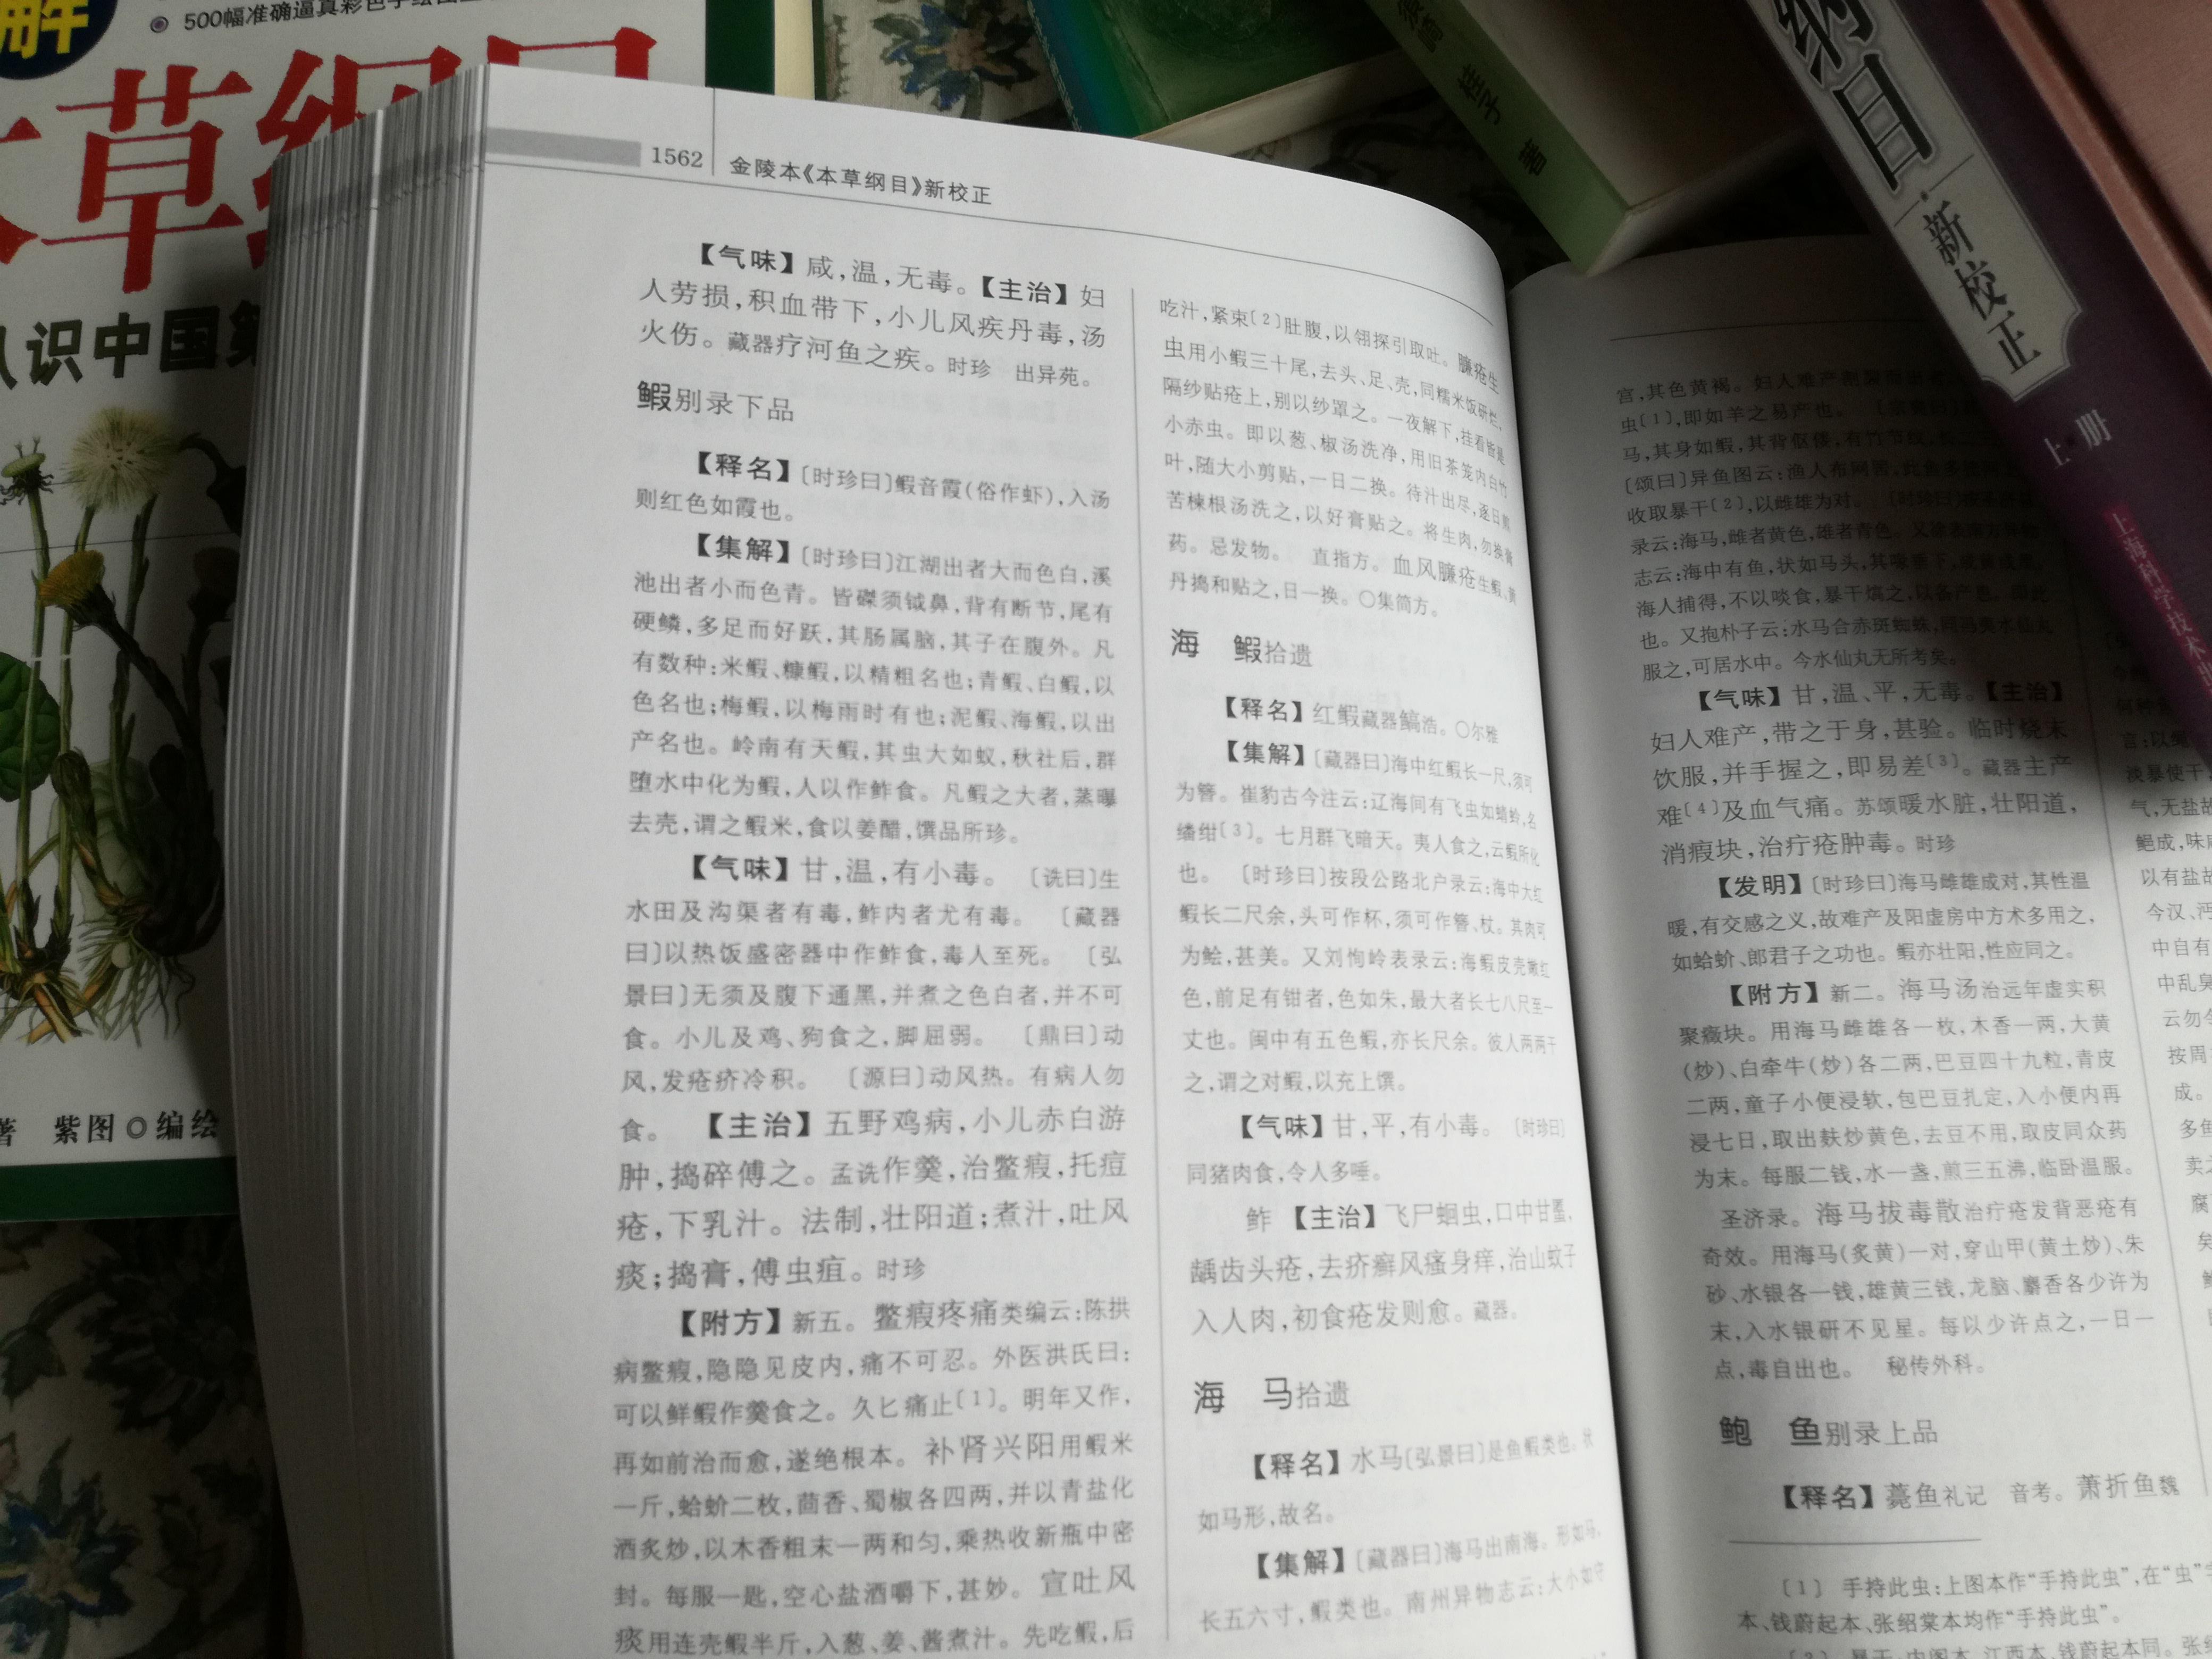 李時珍さんの『本草綱目』の海老の解説